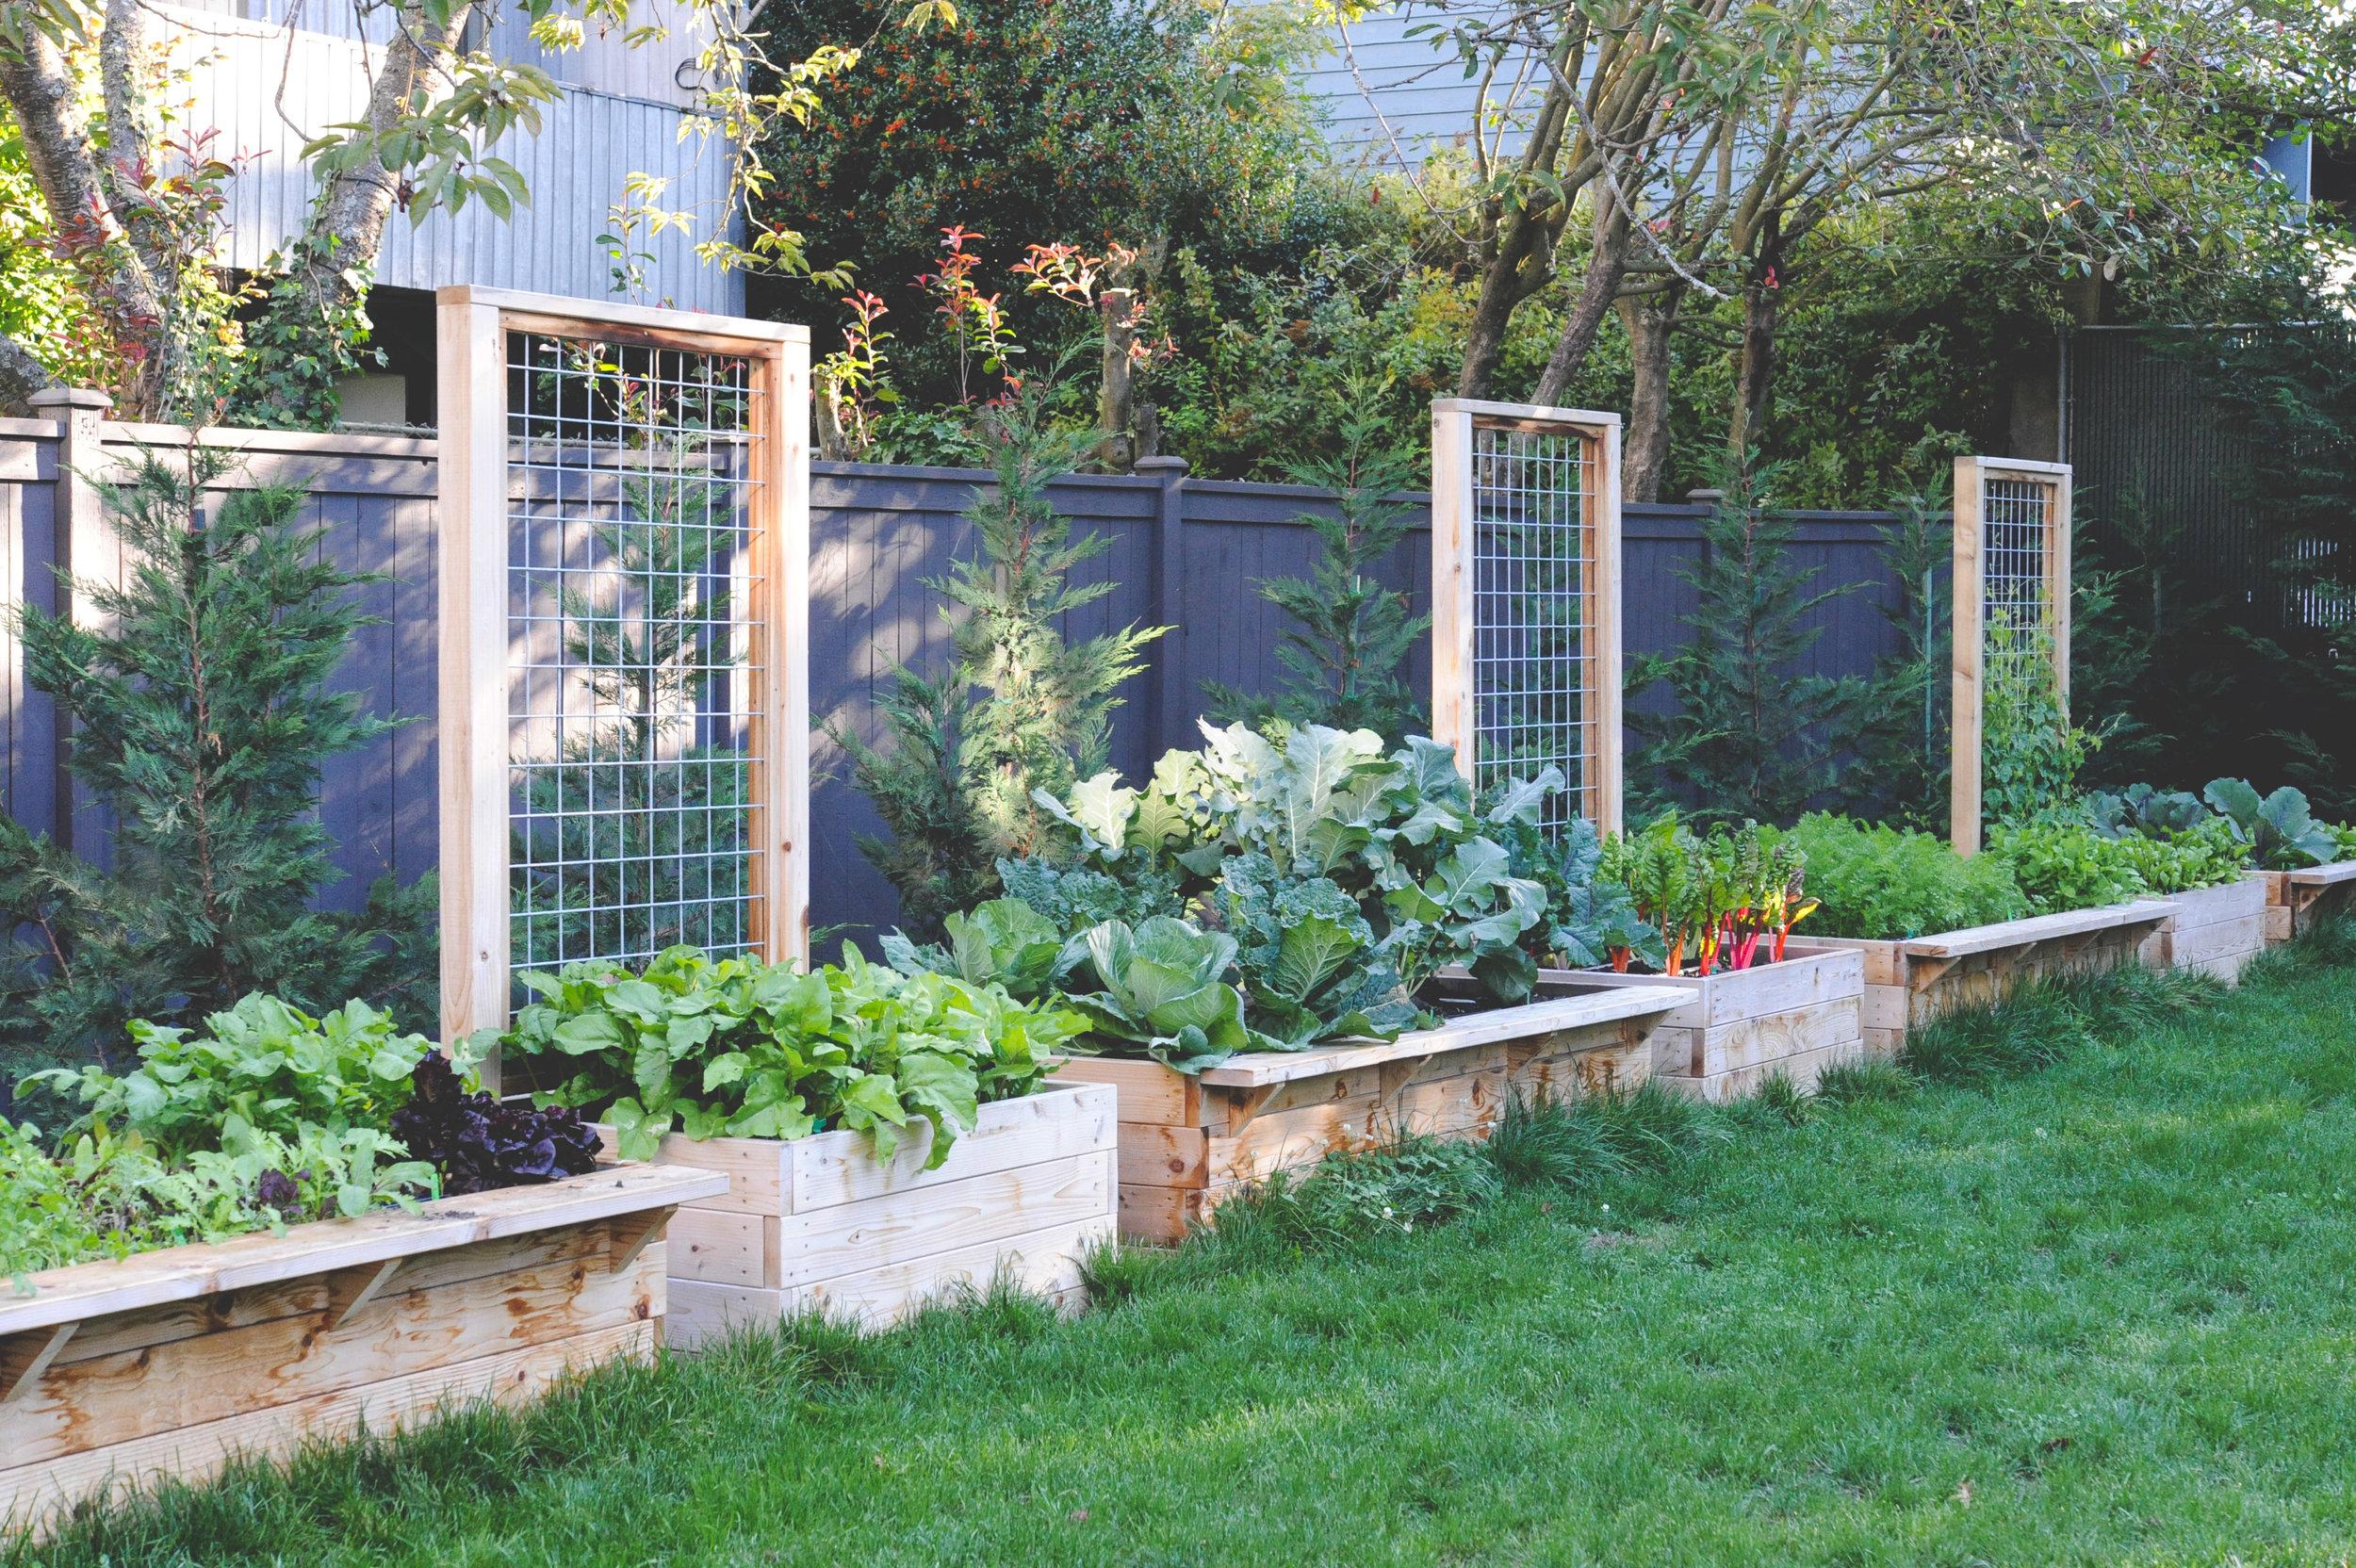 Plan + Prep Your Edible Garden_Seattle Urban Farm Co.